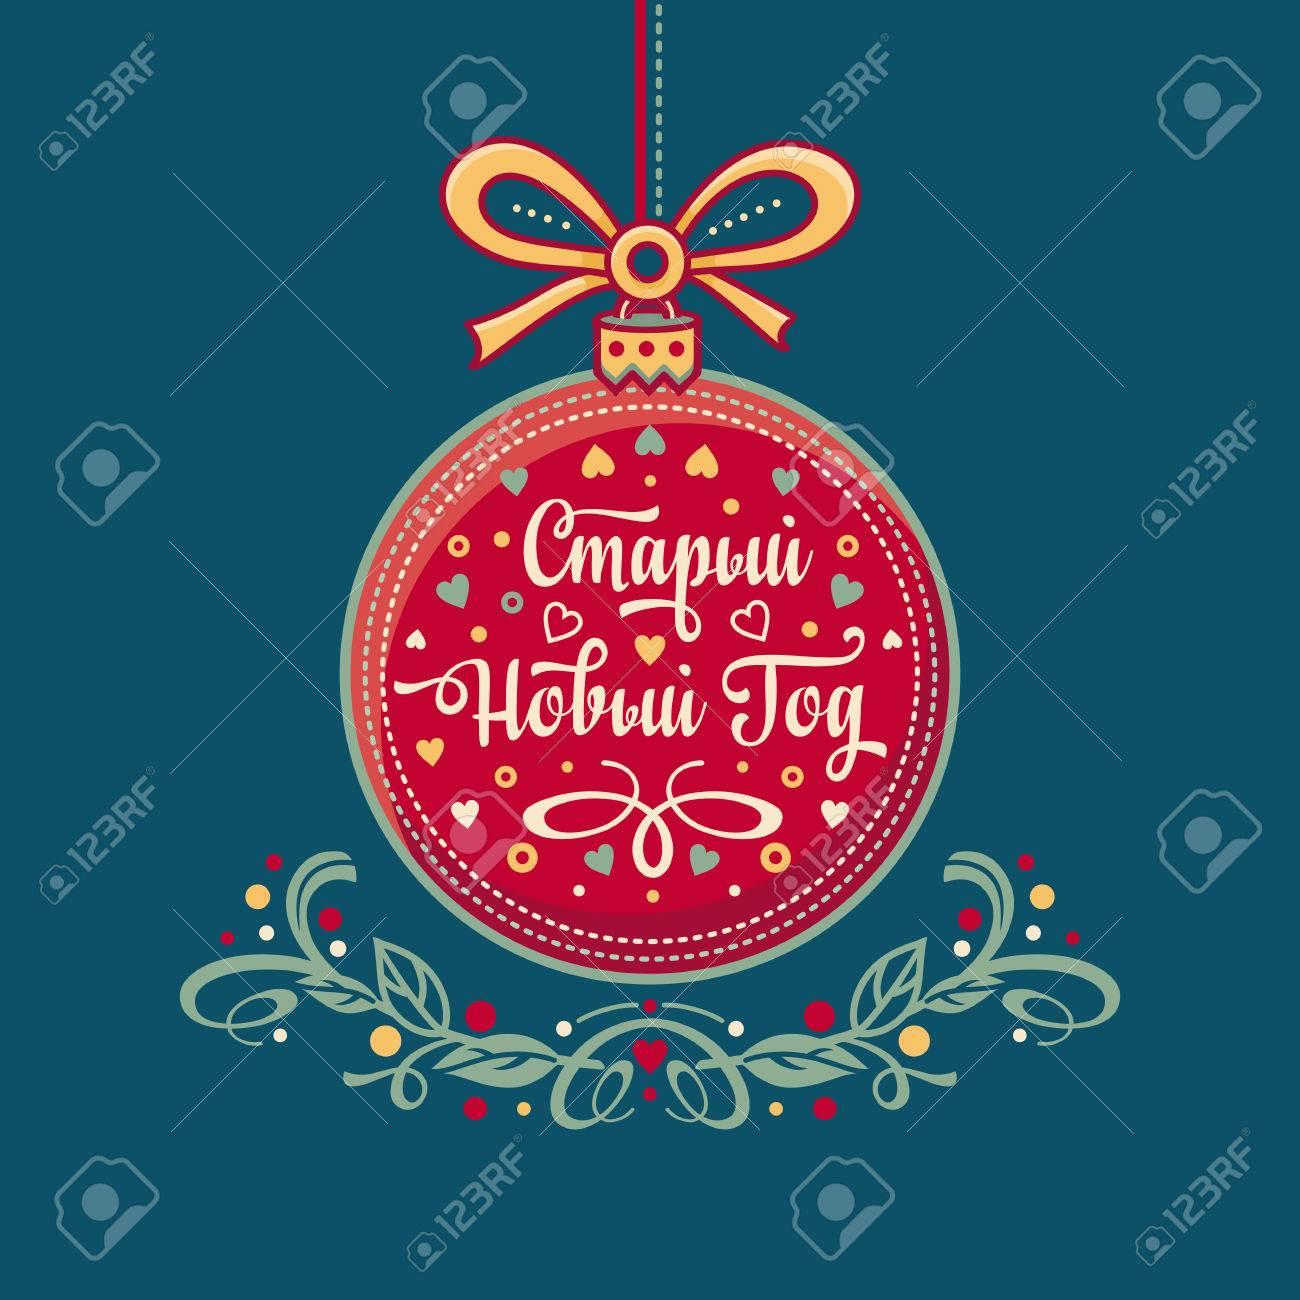 Frohe Weihnachten Und Ein Gutes Neues Jahr Russisch.Stock Photo